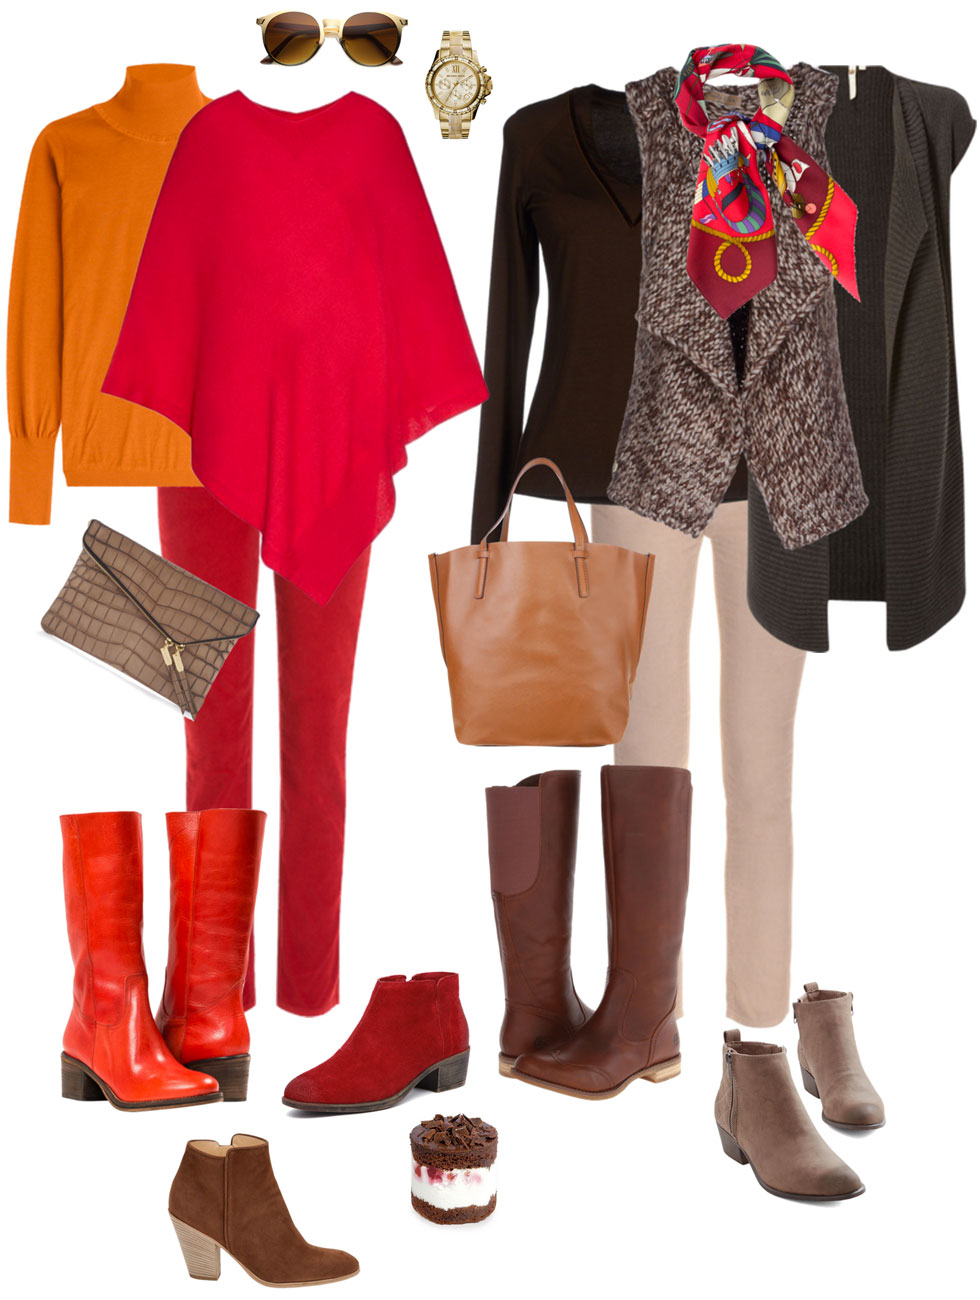 Ensemble: Cords, Boots & Poncho or Vest